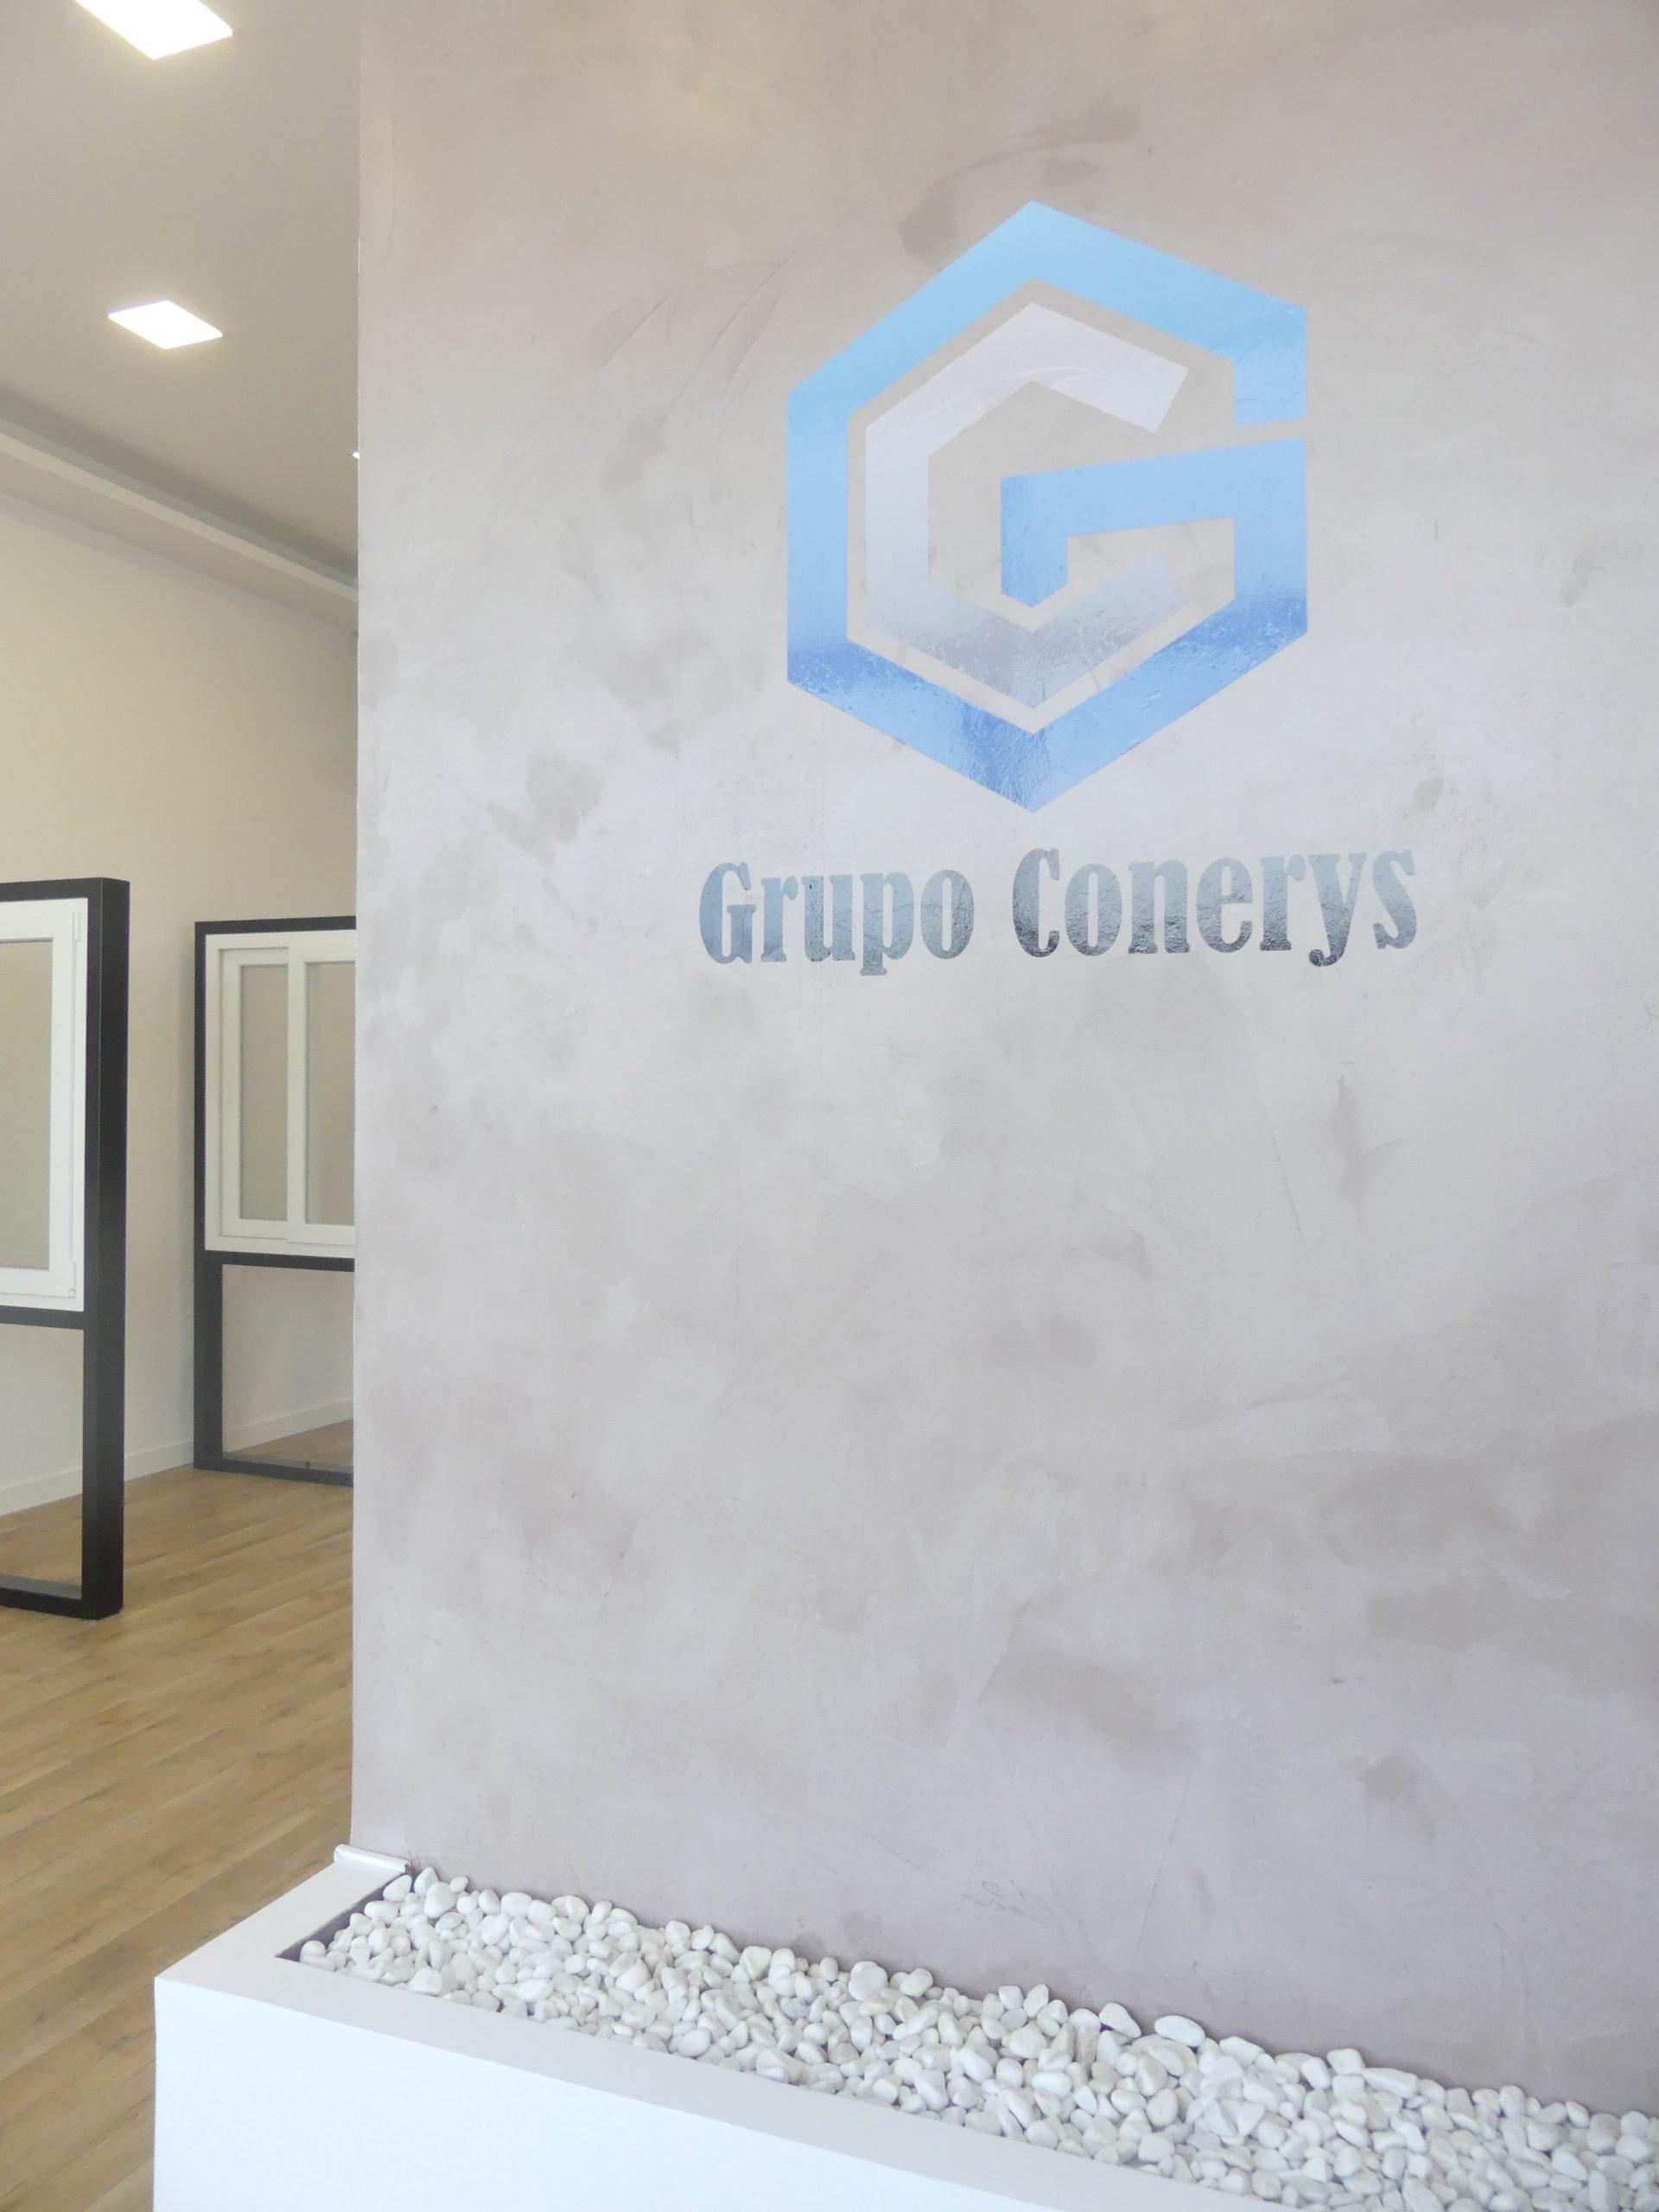 empresa de reformas grupo conerys